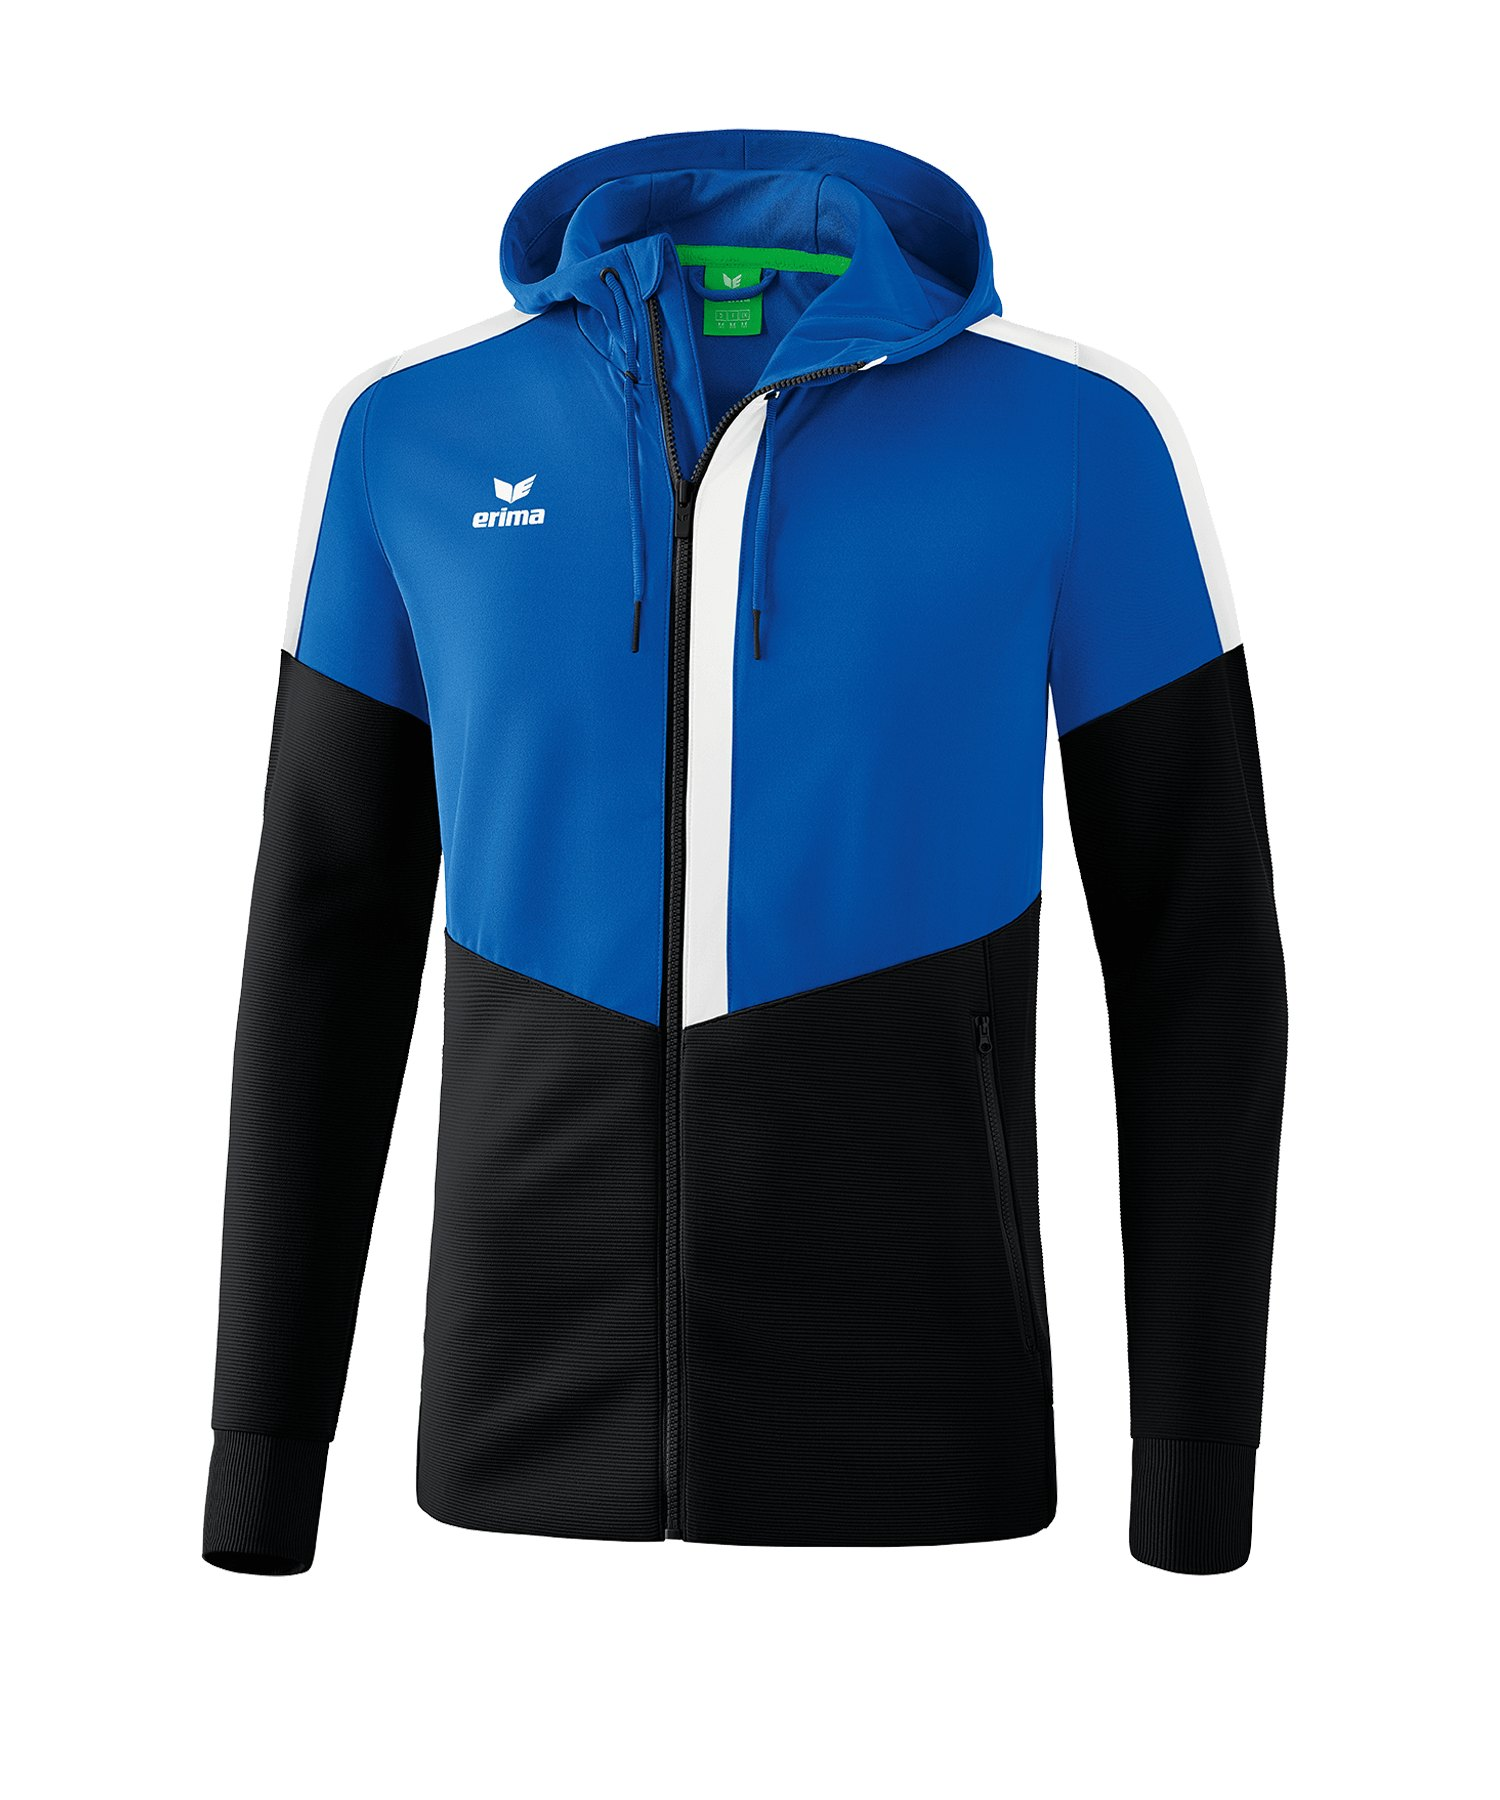 Erima Squad Kapuzen-Trainingsjacke Blau Schwarz - blau